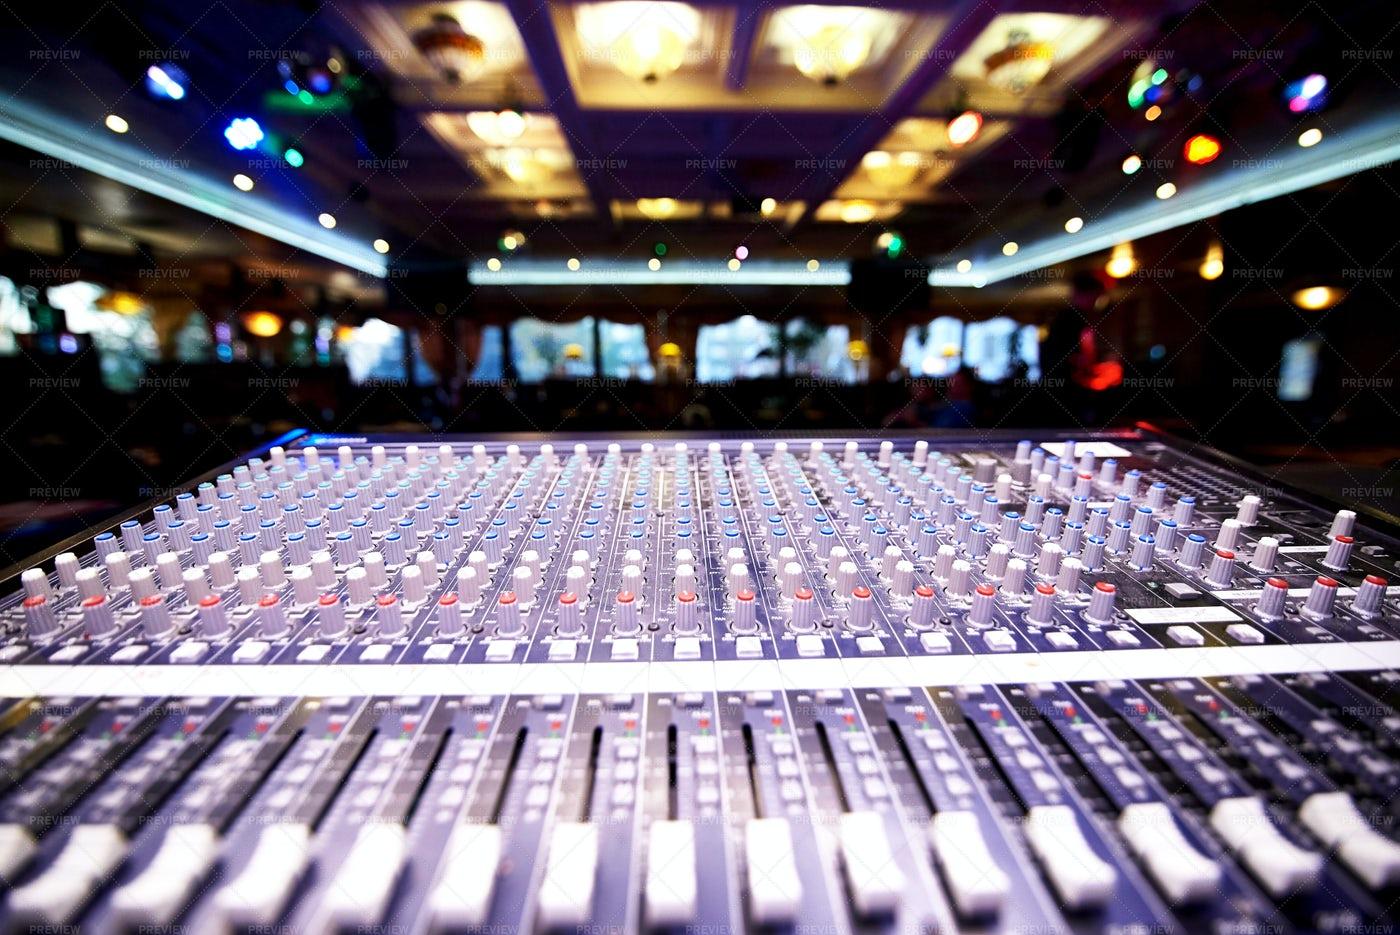 DJ Professional Control Panel: Stock Photos